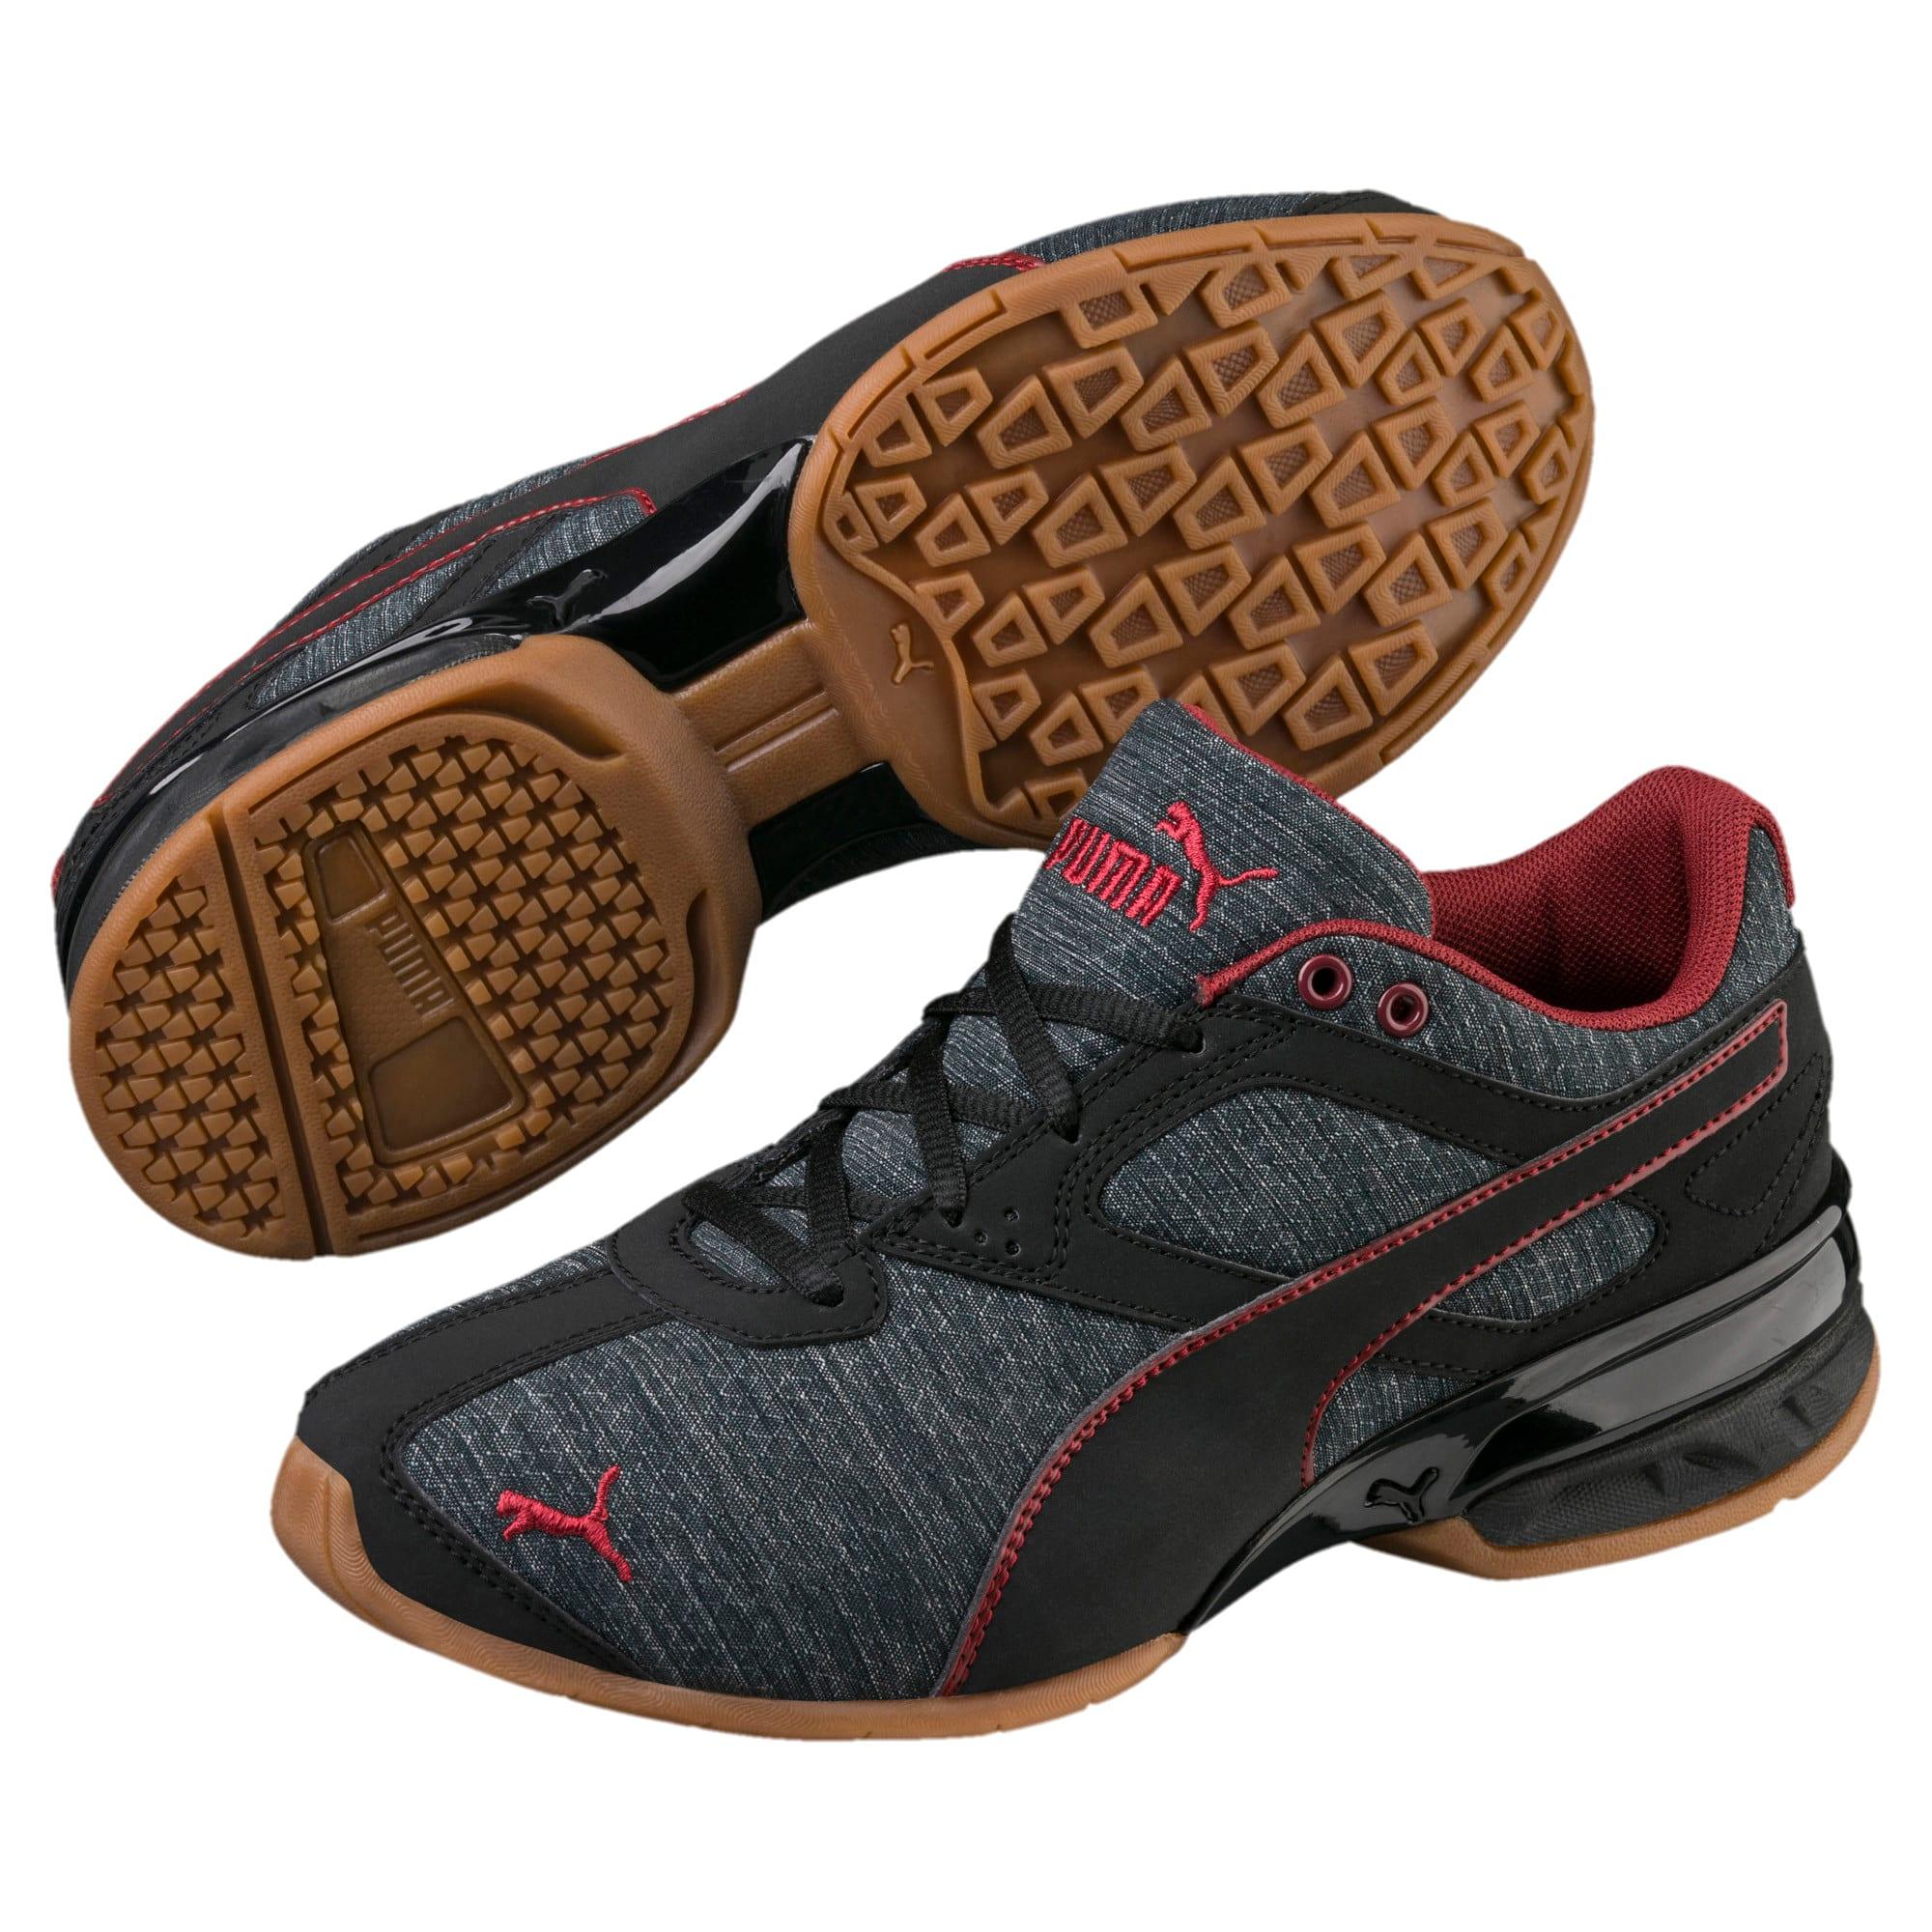 Thumbnail 2 of Tazon 6 Heather Rip Little Kids' Shoes, Iron Gate-Black-Pomegranate, medium